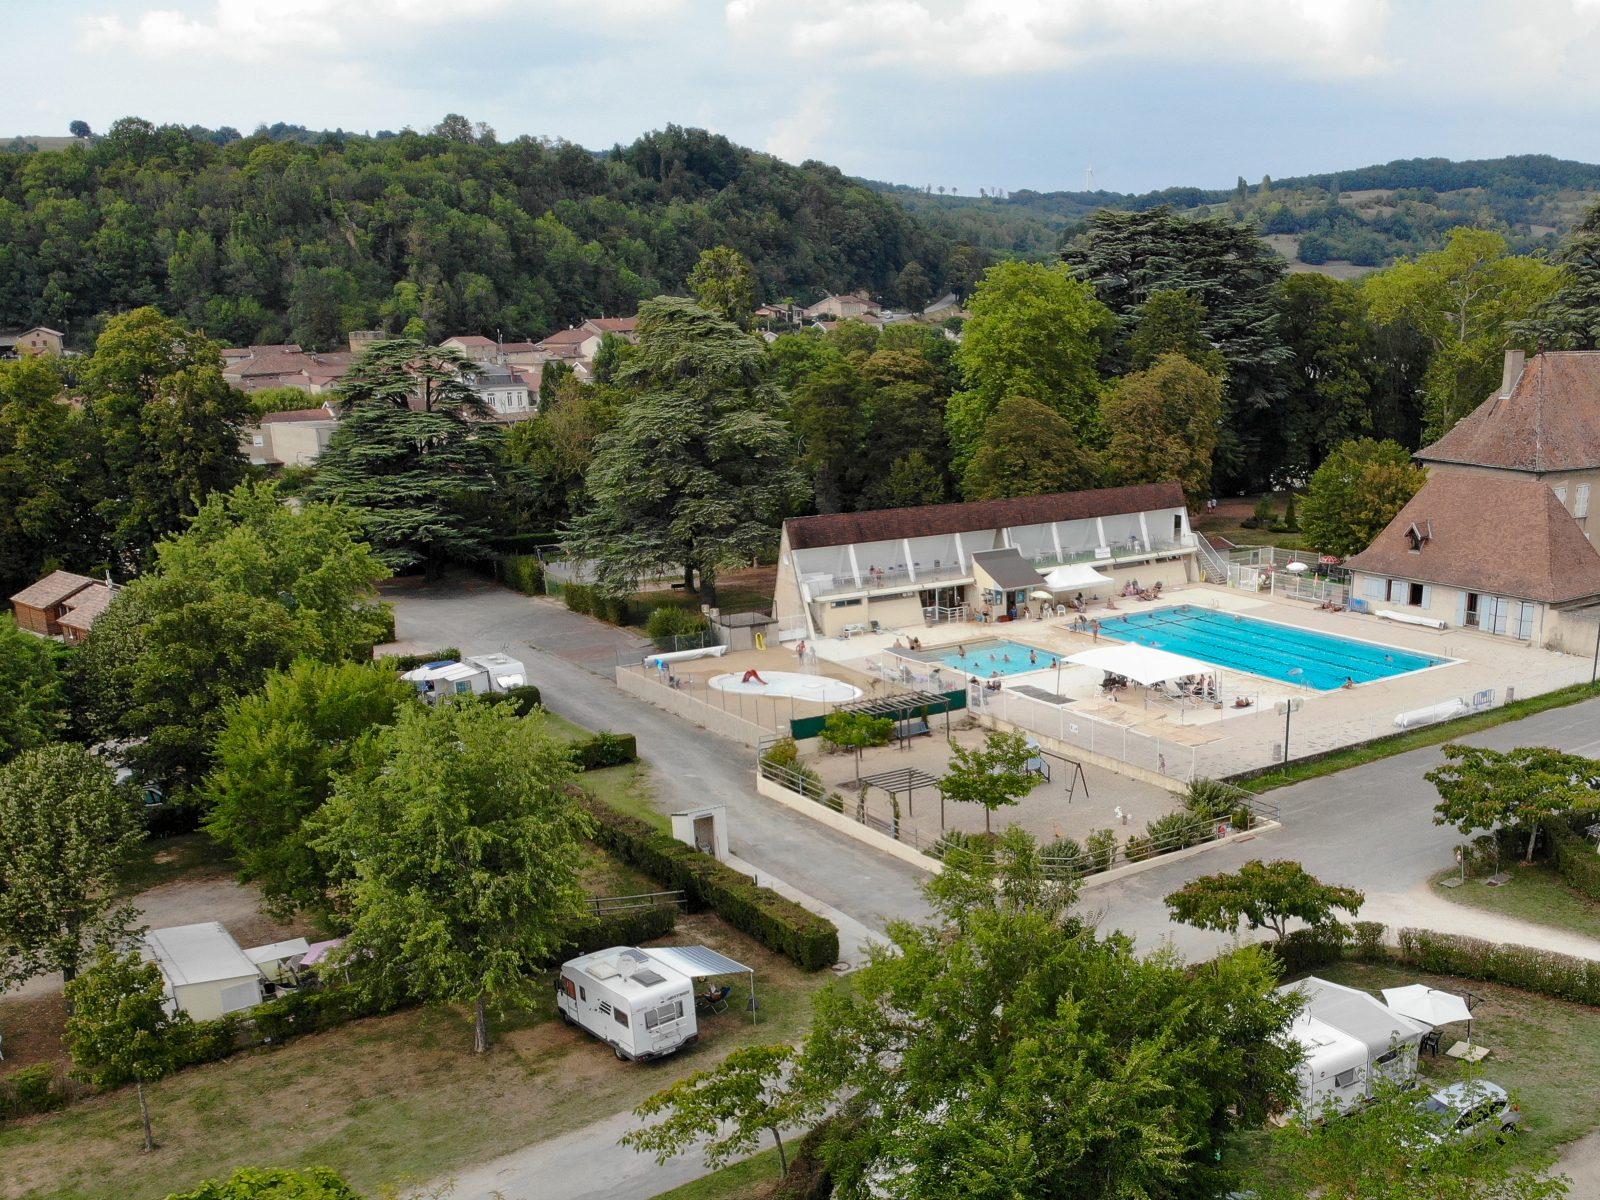 Camping Le Château - Vos Vacances Dans La Drôme Des Collines à Camping En Auvergne Avec Piscine